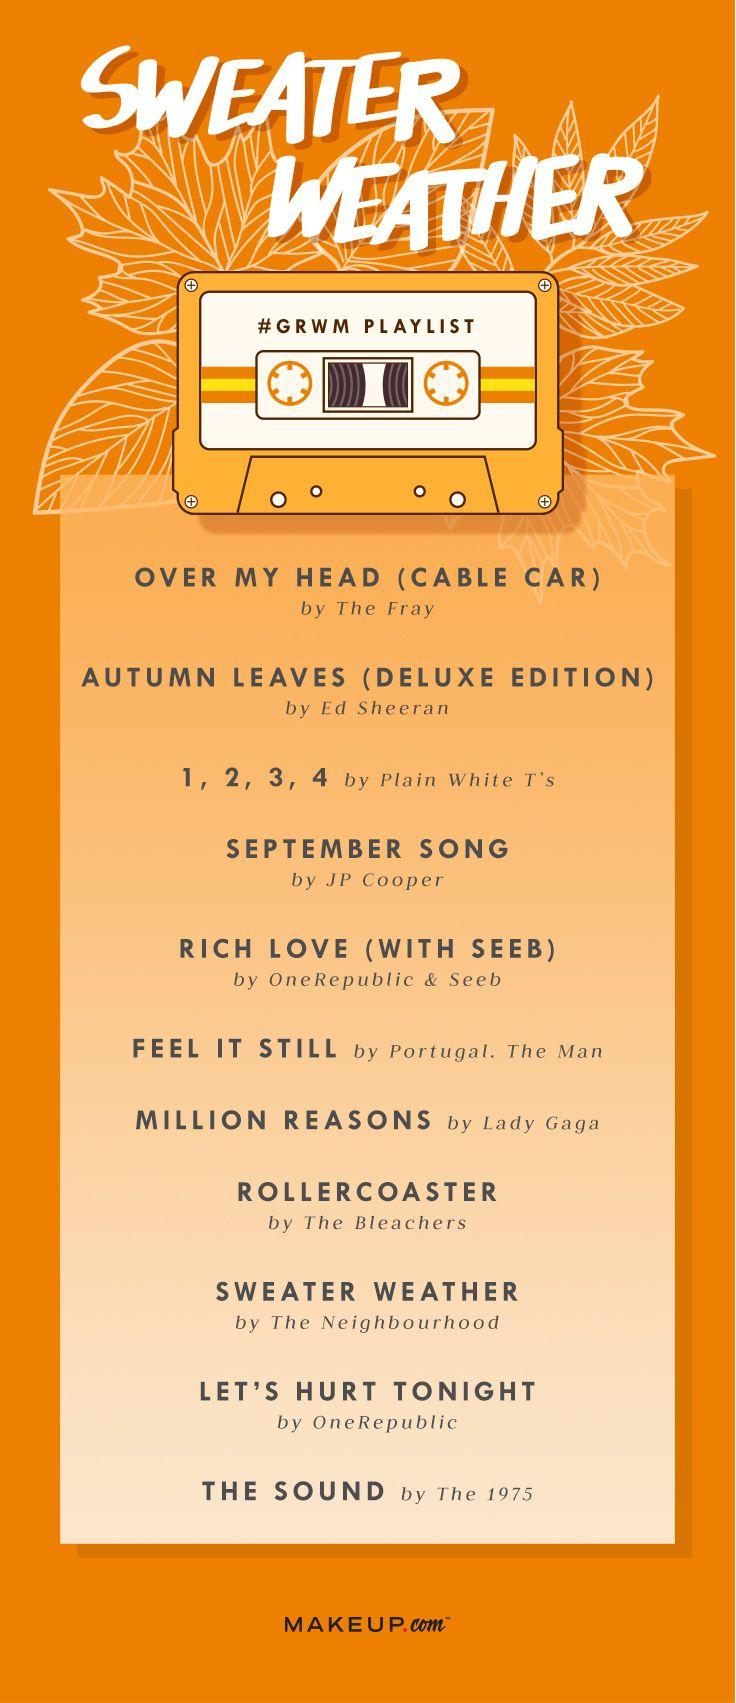 Grwm Sweater Weather Spotify Playlist Happy Songs Playlist Fall Music Music Playlist David guetta light my body up feat nicki minaj & lil wayne. grwm sweater weather spotify playlist